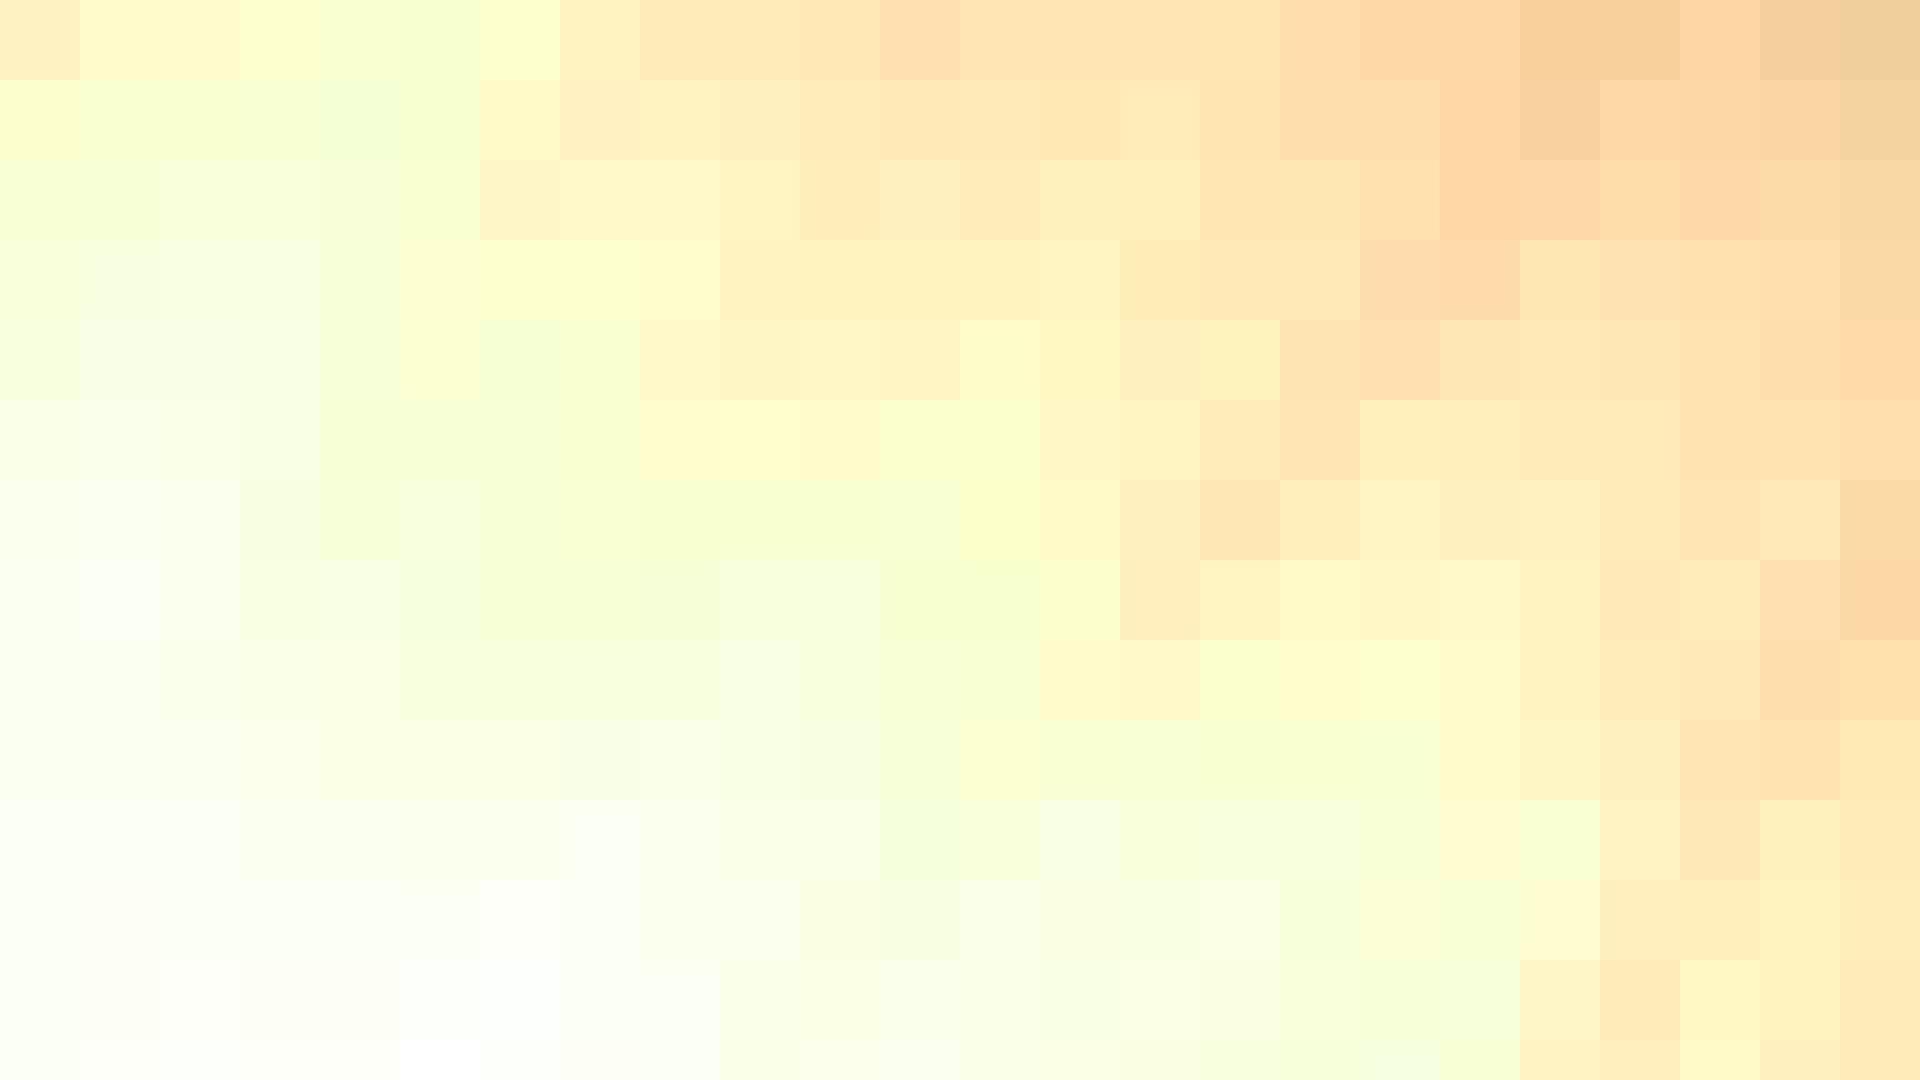 阿国ちゃんの「和式洋式七変化」No.17 美女  102PIX 21